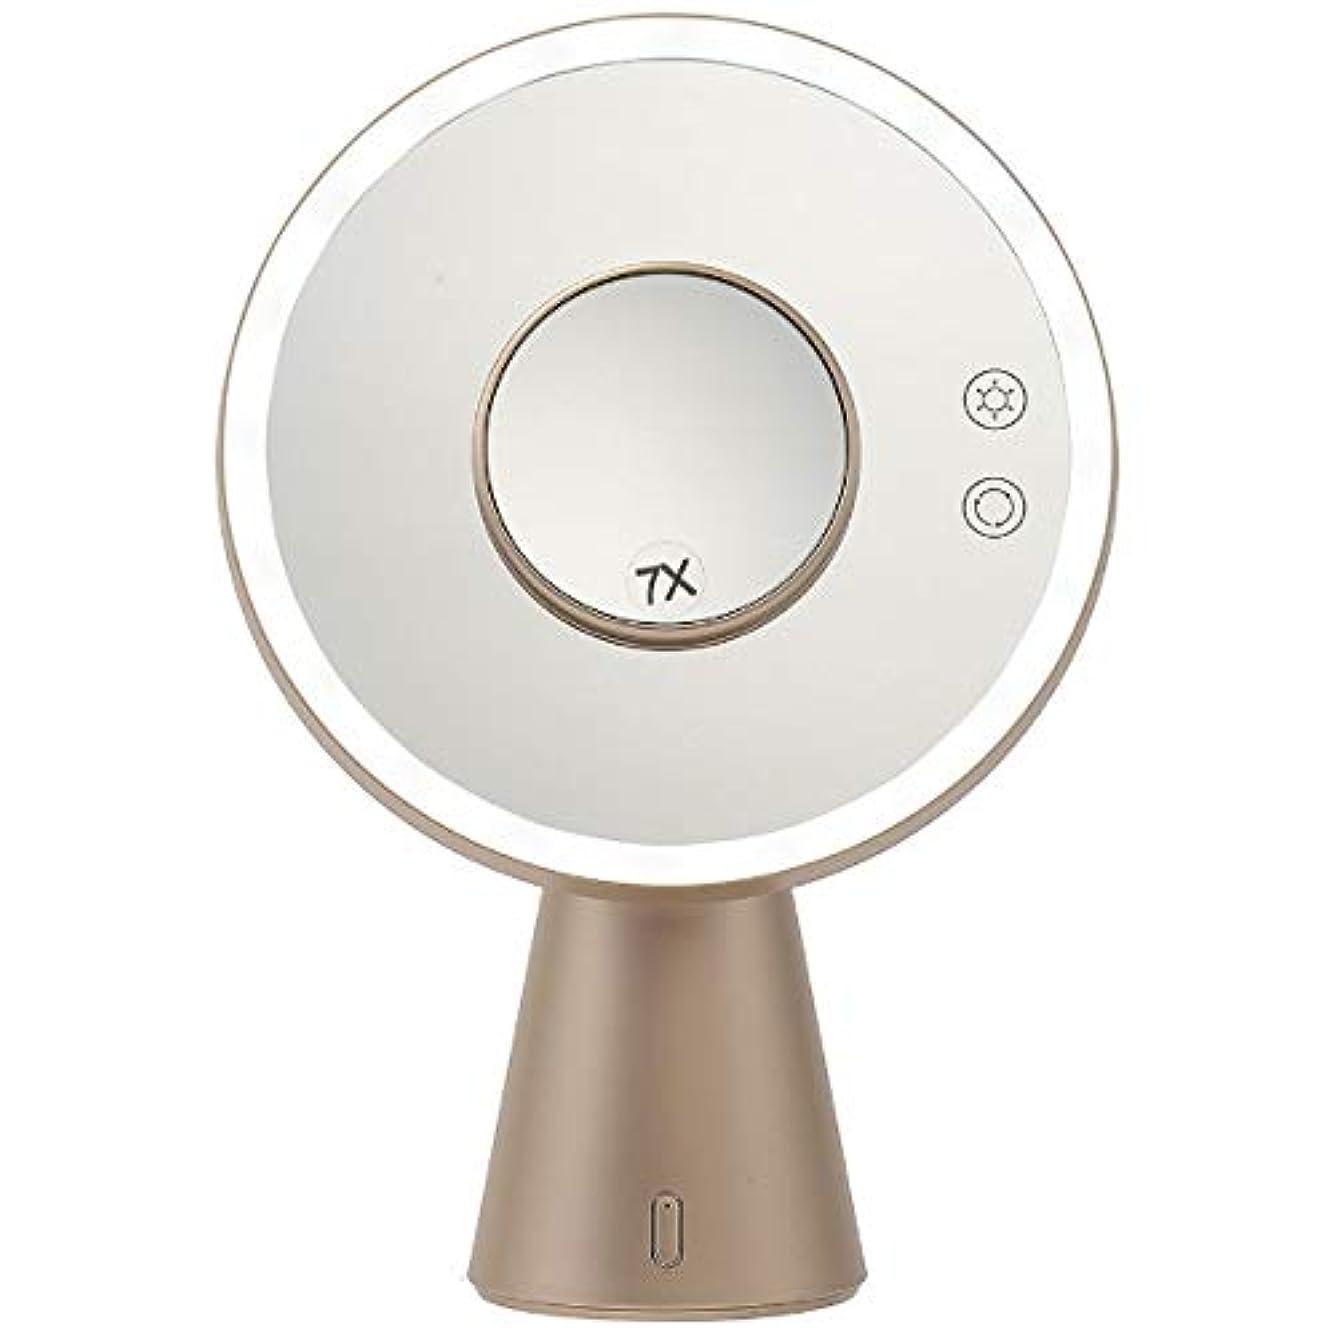 真実の鏡Luxe Bluetooth (CG) EC017LXUSB-7X(CG)